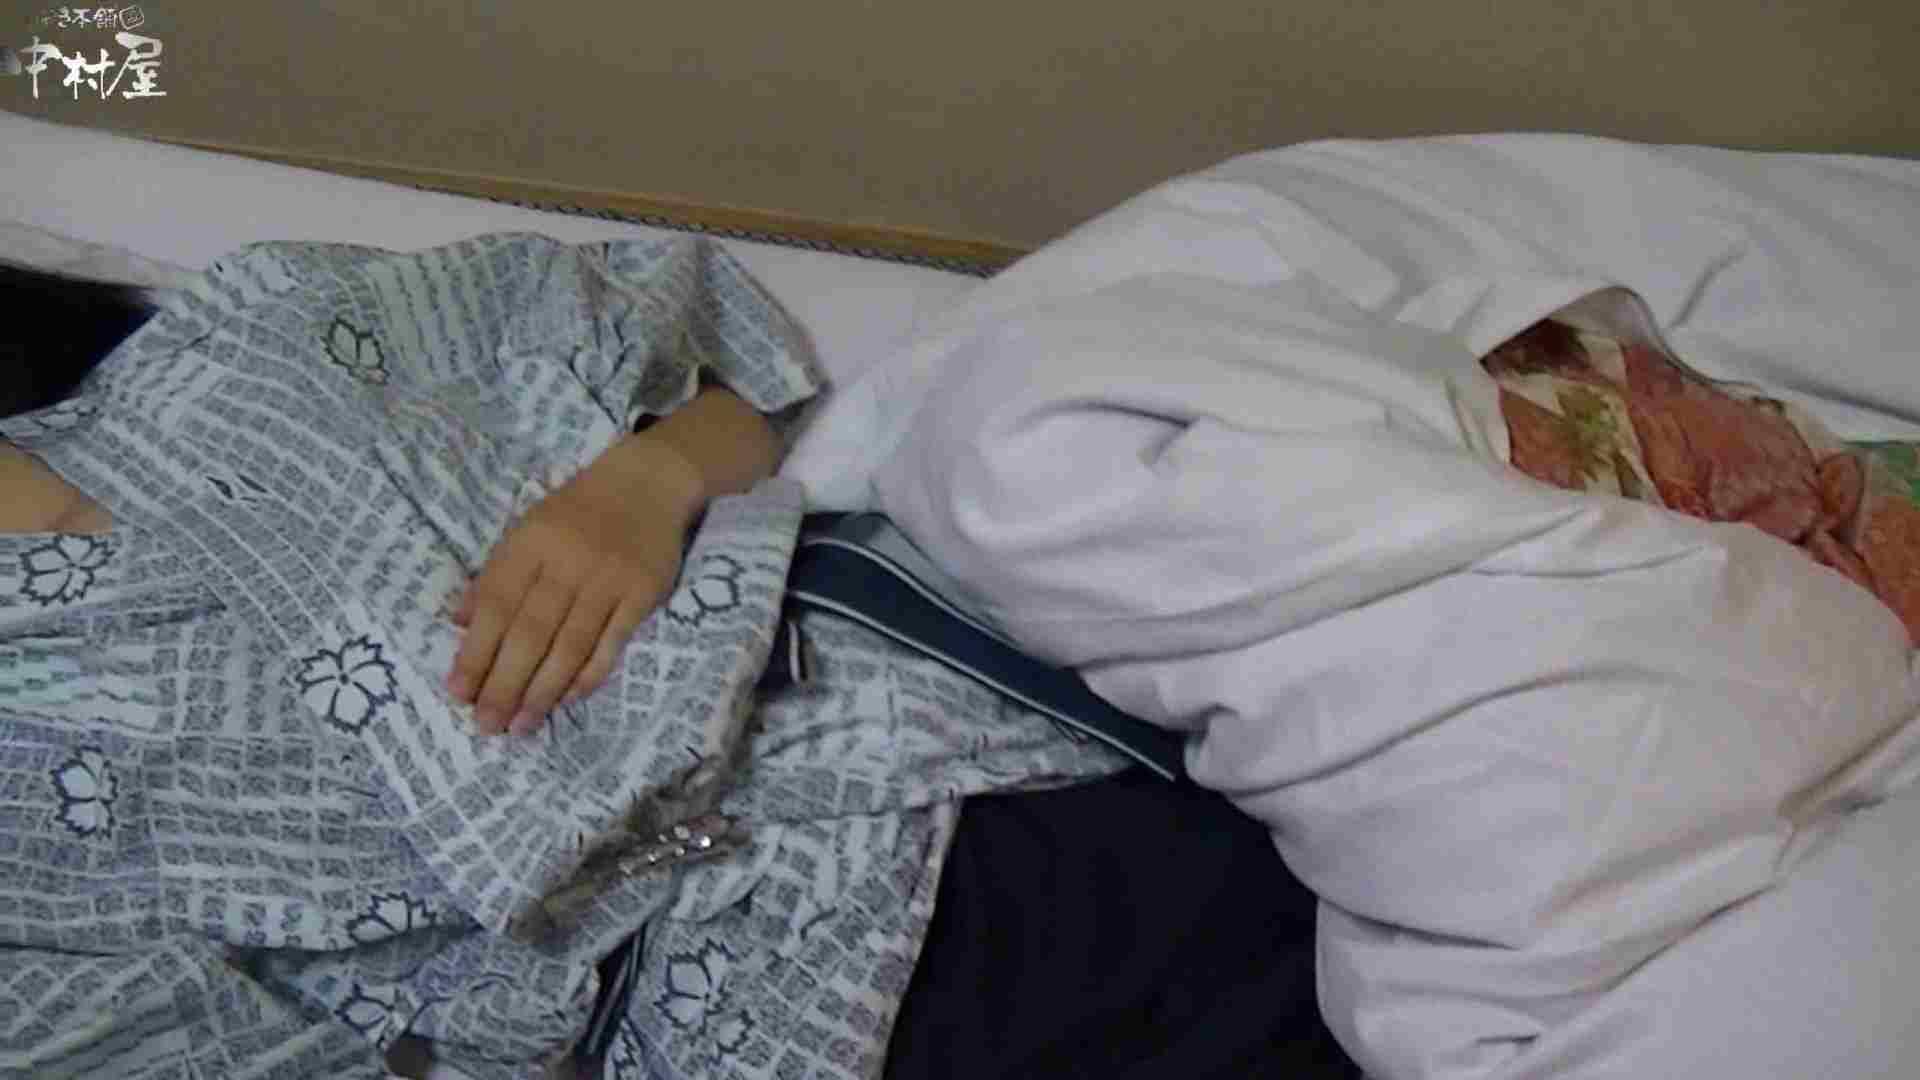 ネムリ姫 vol.52 前編 イタズラ ぱこり動画紹介 59画像 21